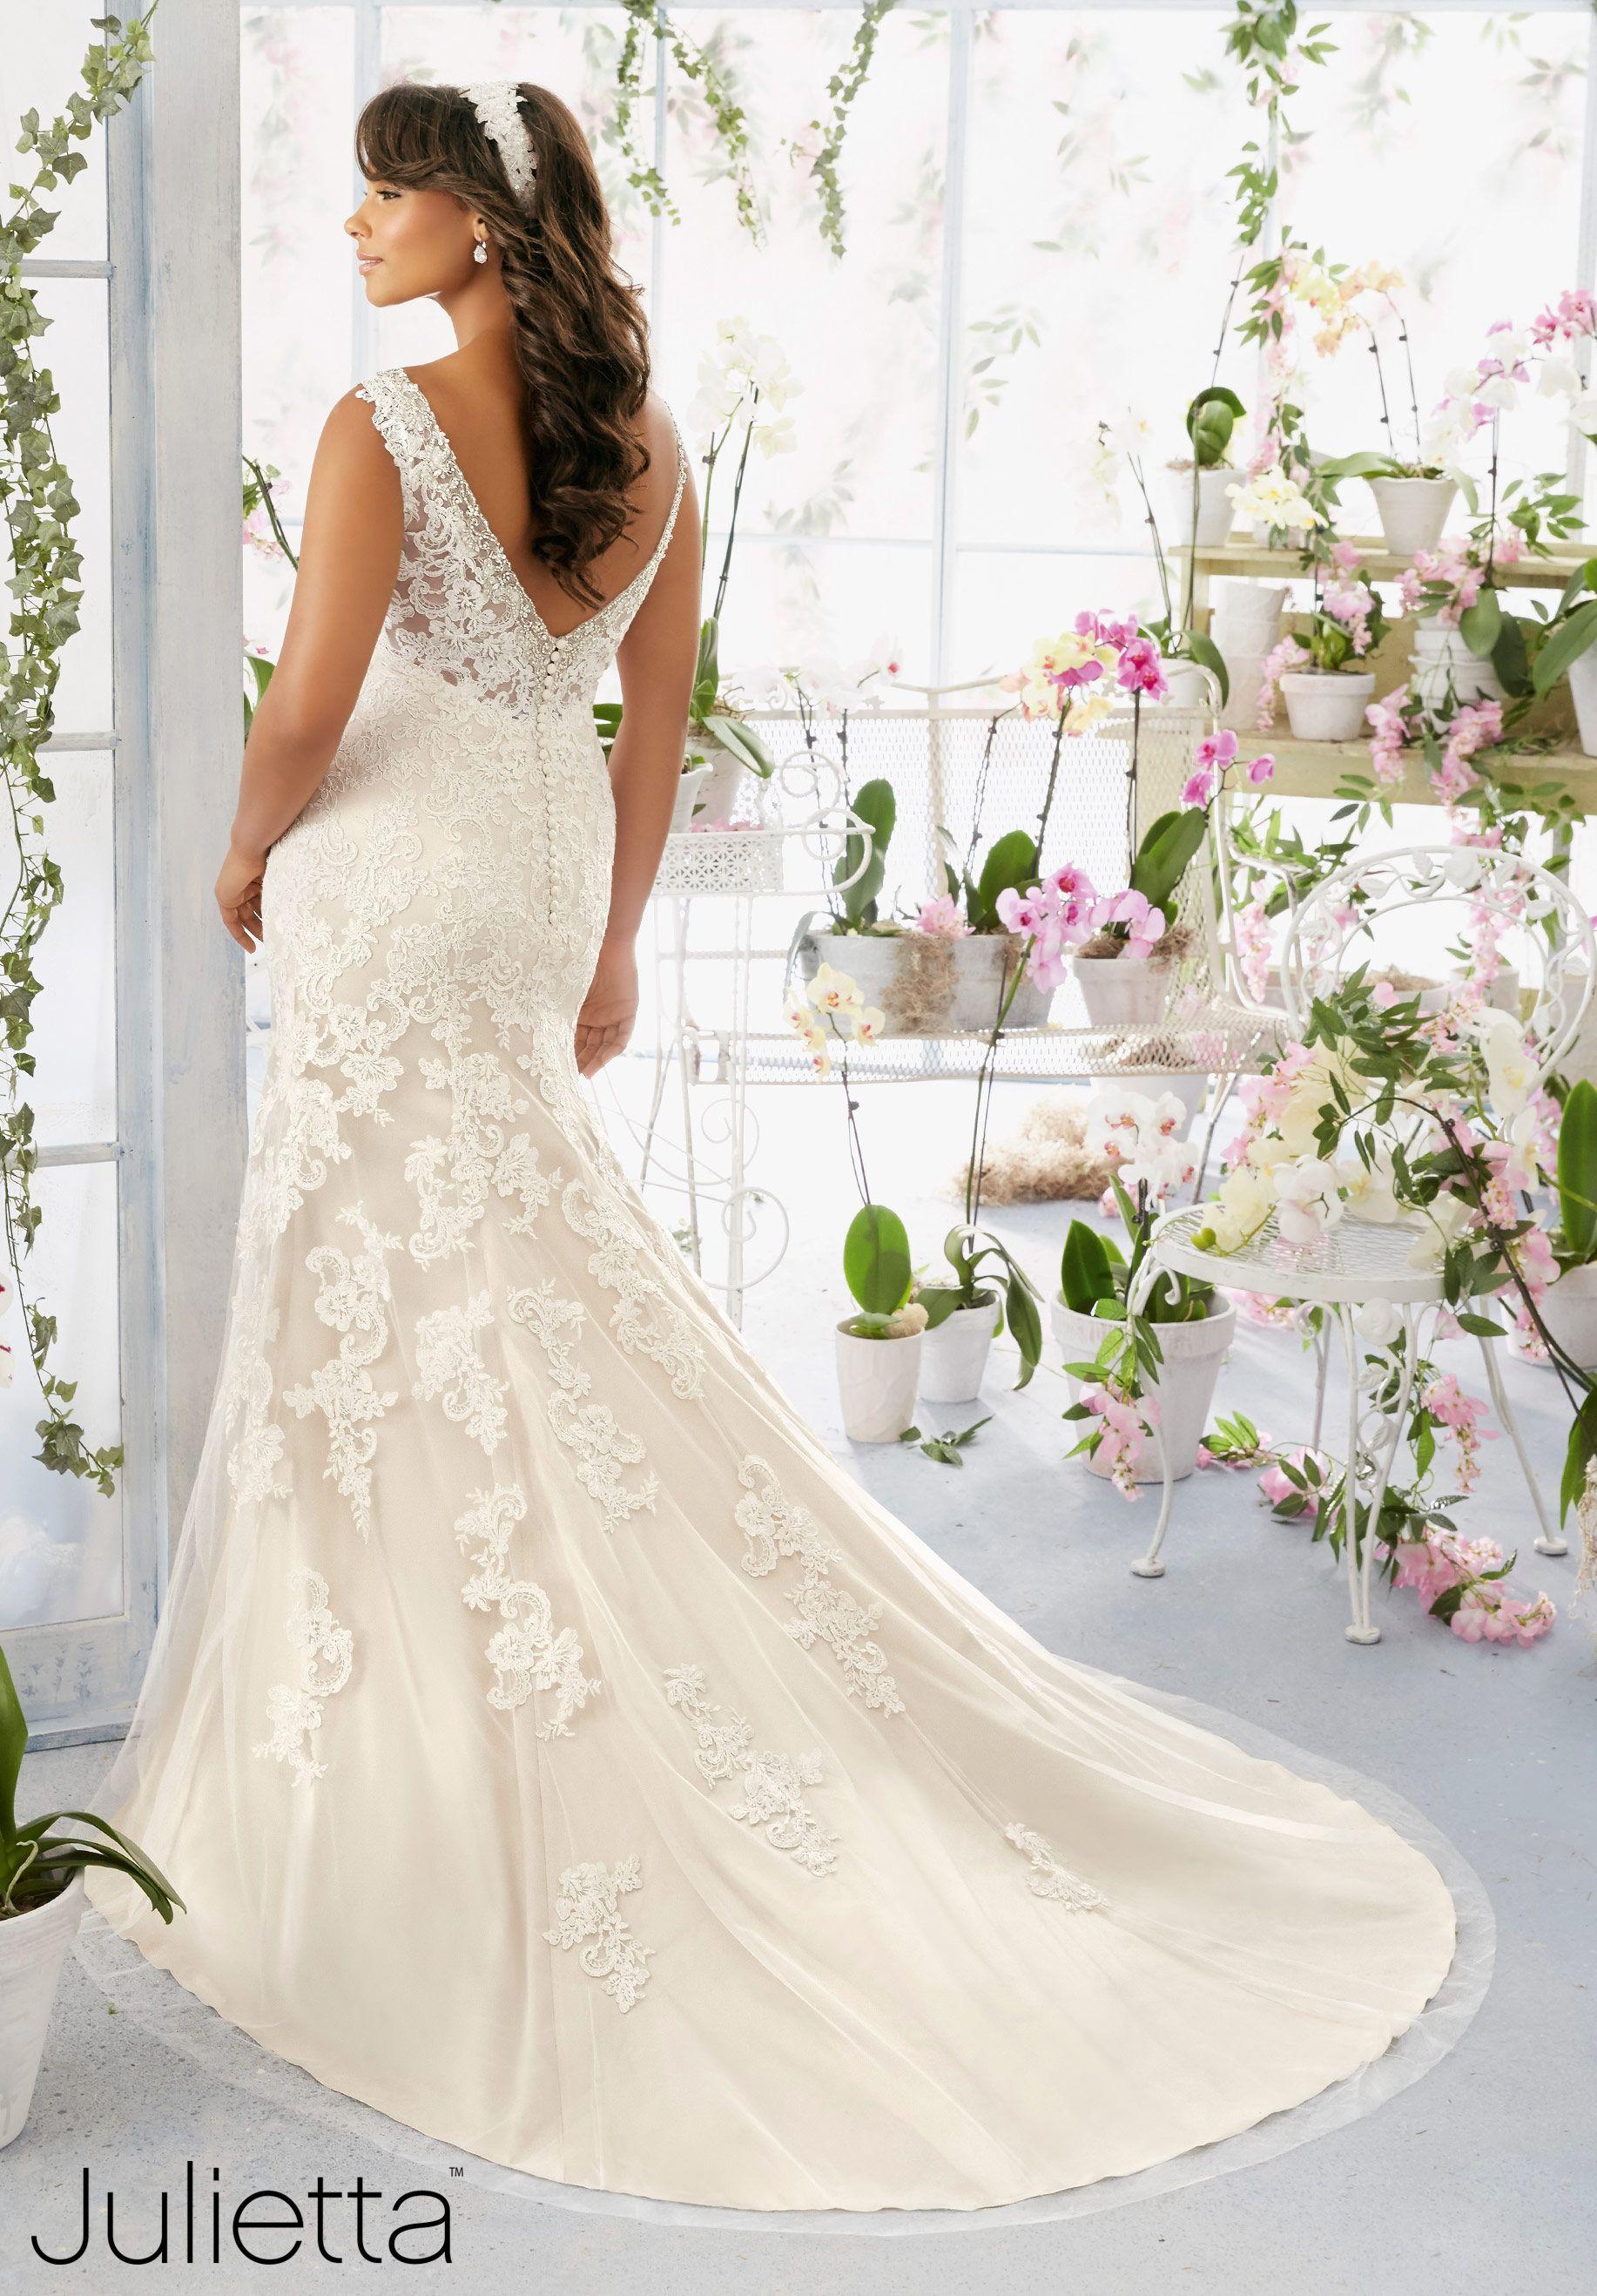 Wedding Dresses Designer Julietta Dress Style 3195 Plus Size Wedding Gowns Wedding Gowns Mermaid Wedding Gowns Vintage [ 2636 x 1834 Pixel ]